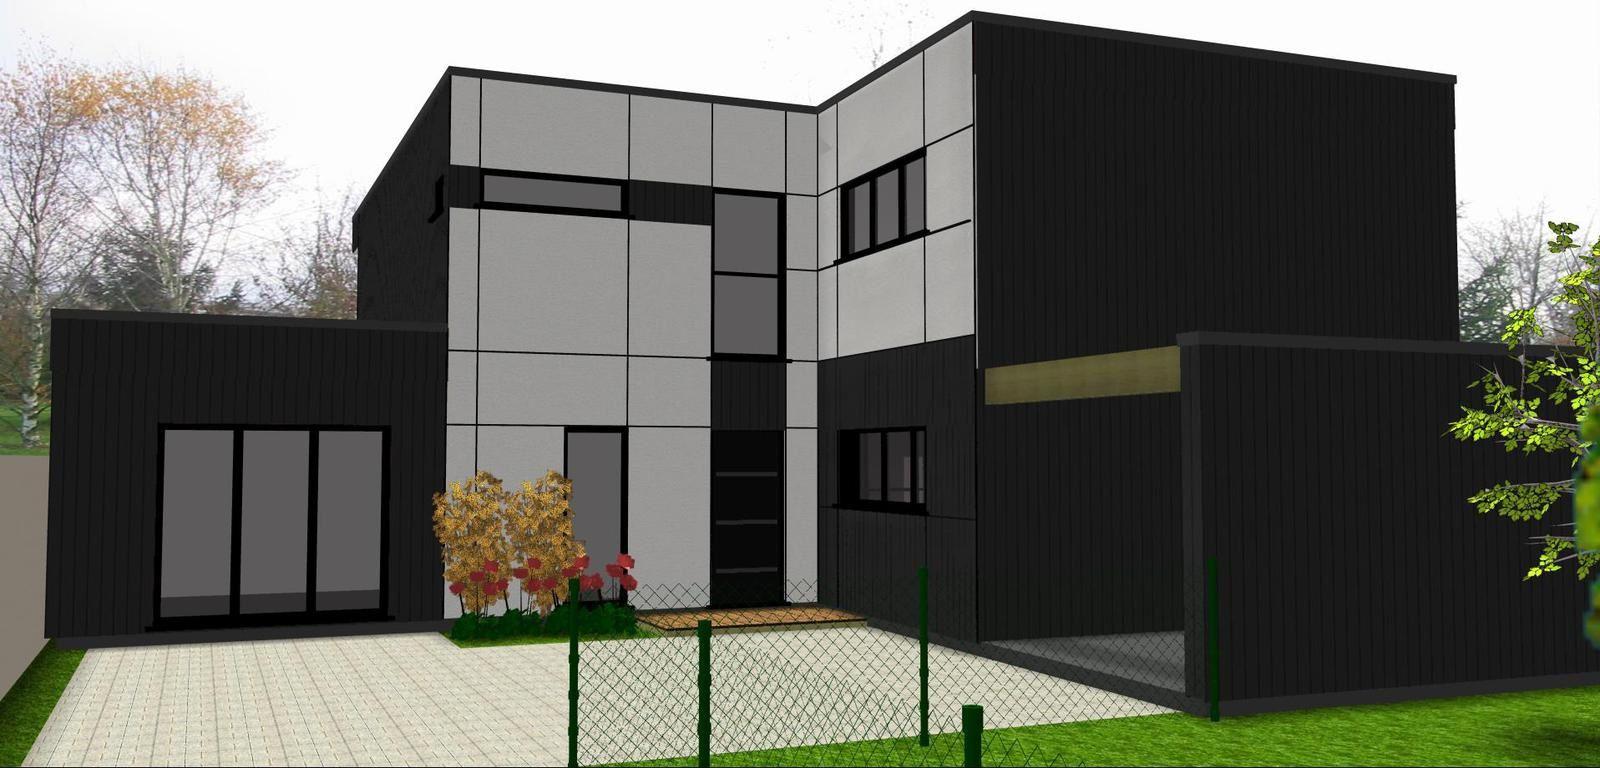 le drein courgeon bois colombes 92 le blog de constructionbois ledrein. Black Bedroom Furniture Sets. Home Design Ideas